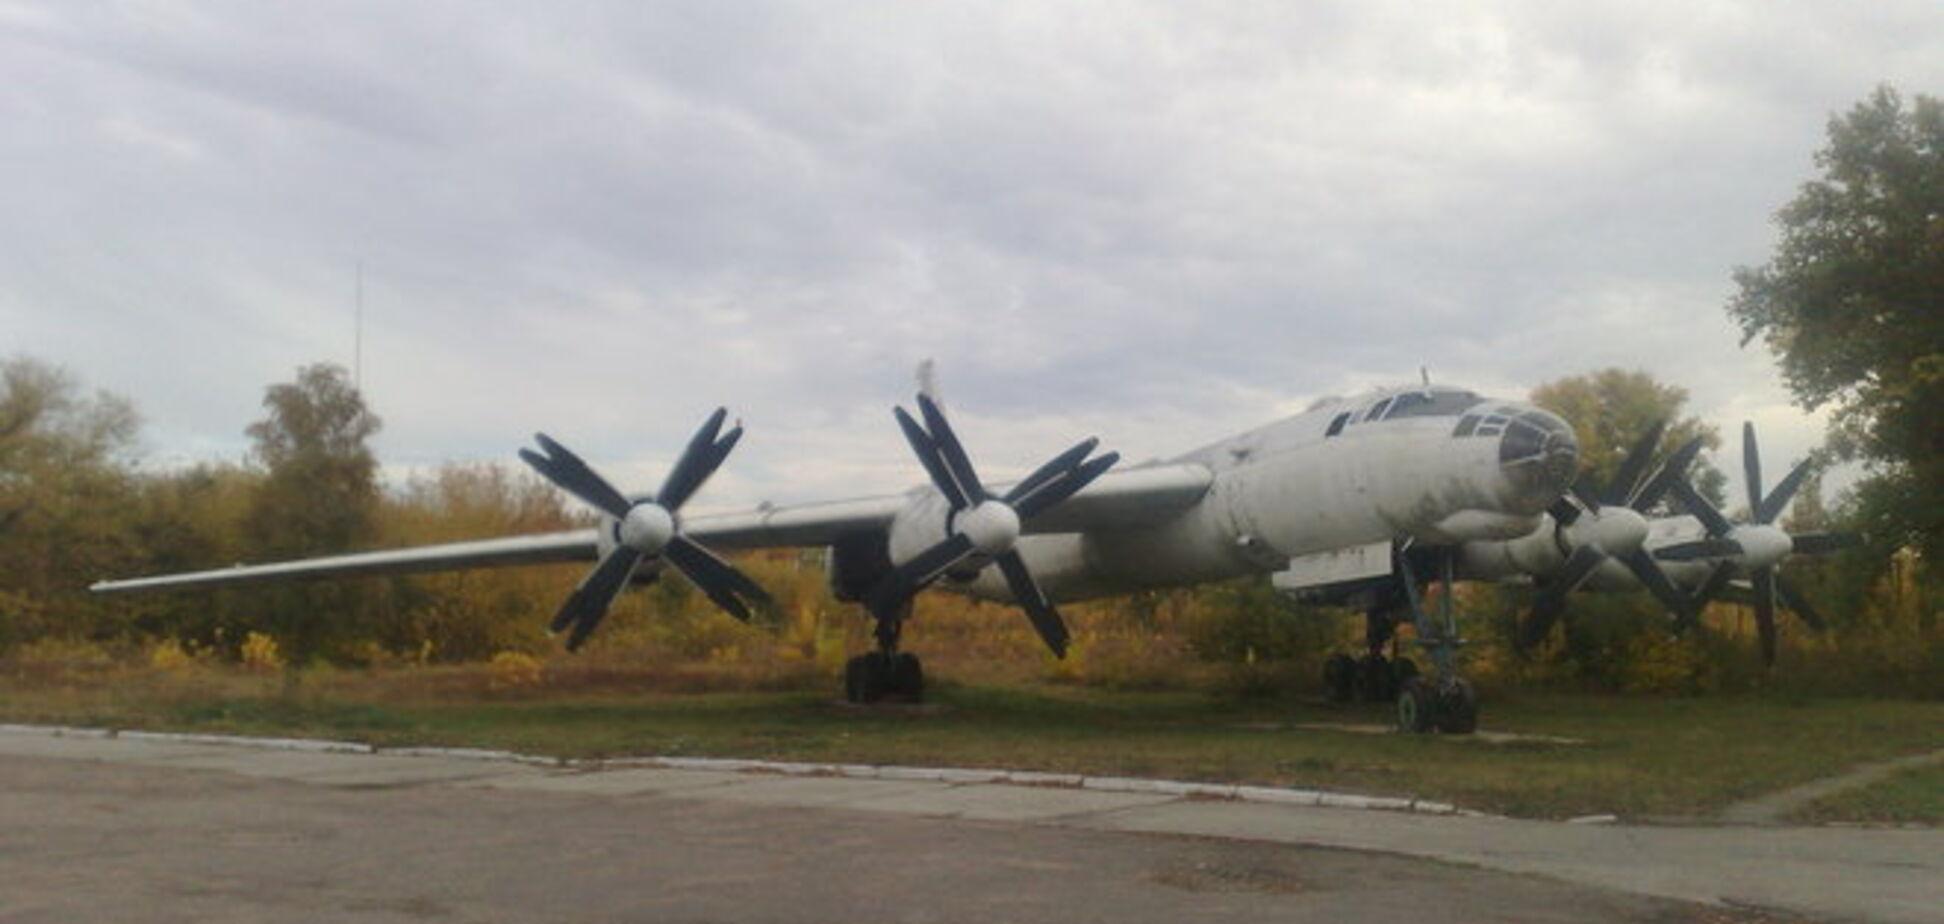 Военный аэродром на Киевщине через суд пытаются прибрать к рукам частные фирмы